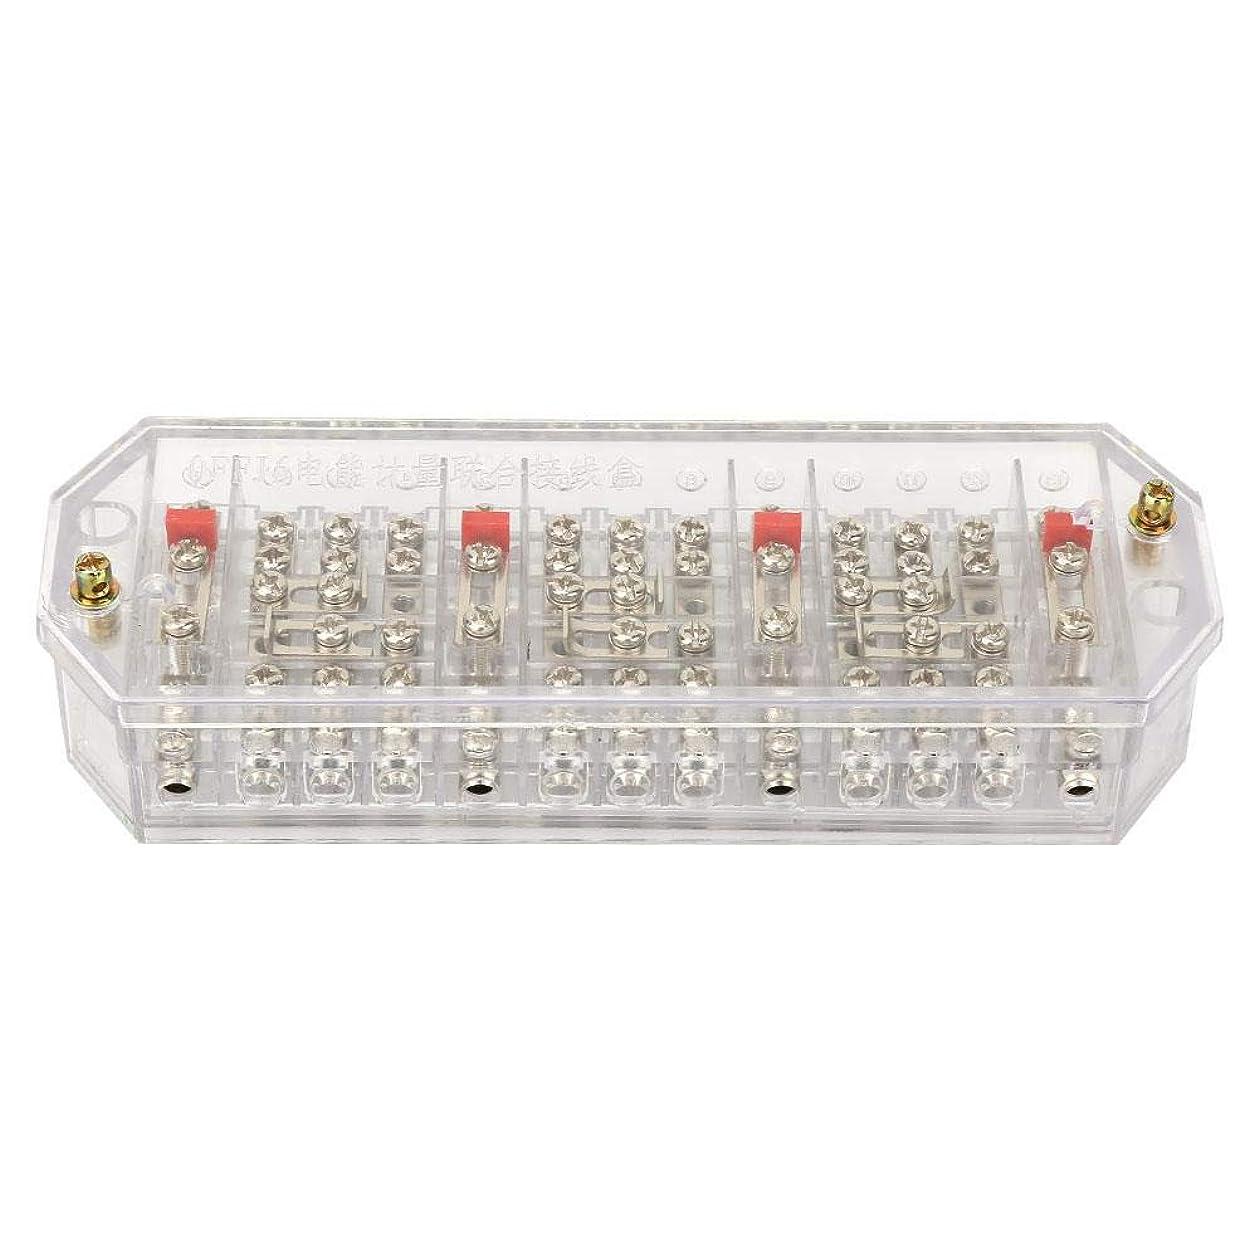 メイエラほのか年金受給者ジャンクションボックス端子ボックスQFJ6/DFY1三相4線家庭用メーター端子列電気エンクロージャジャンクションボックス(#1)